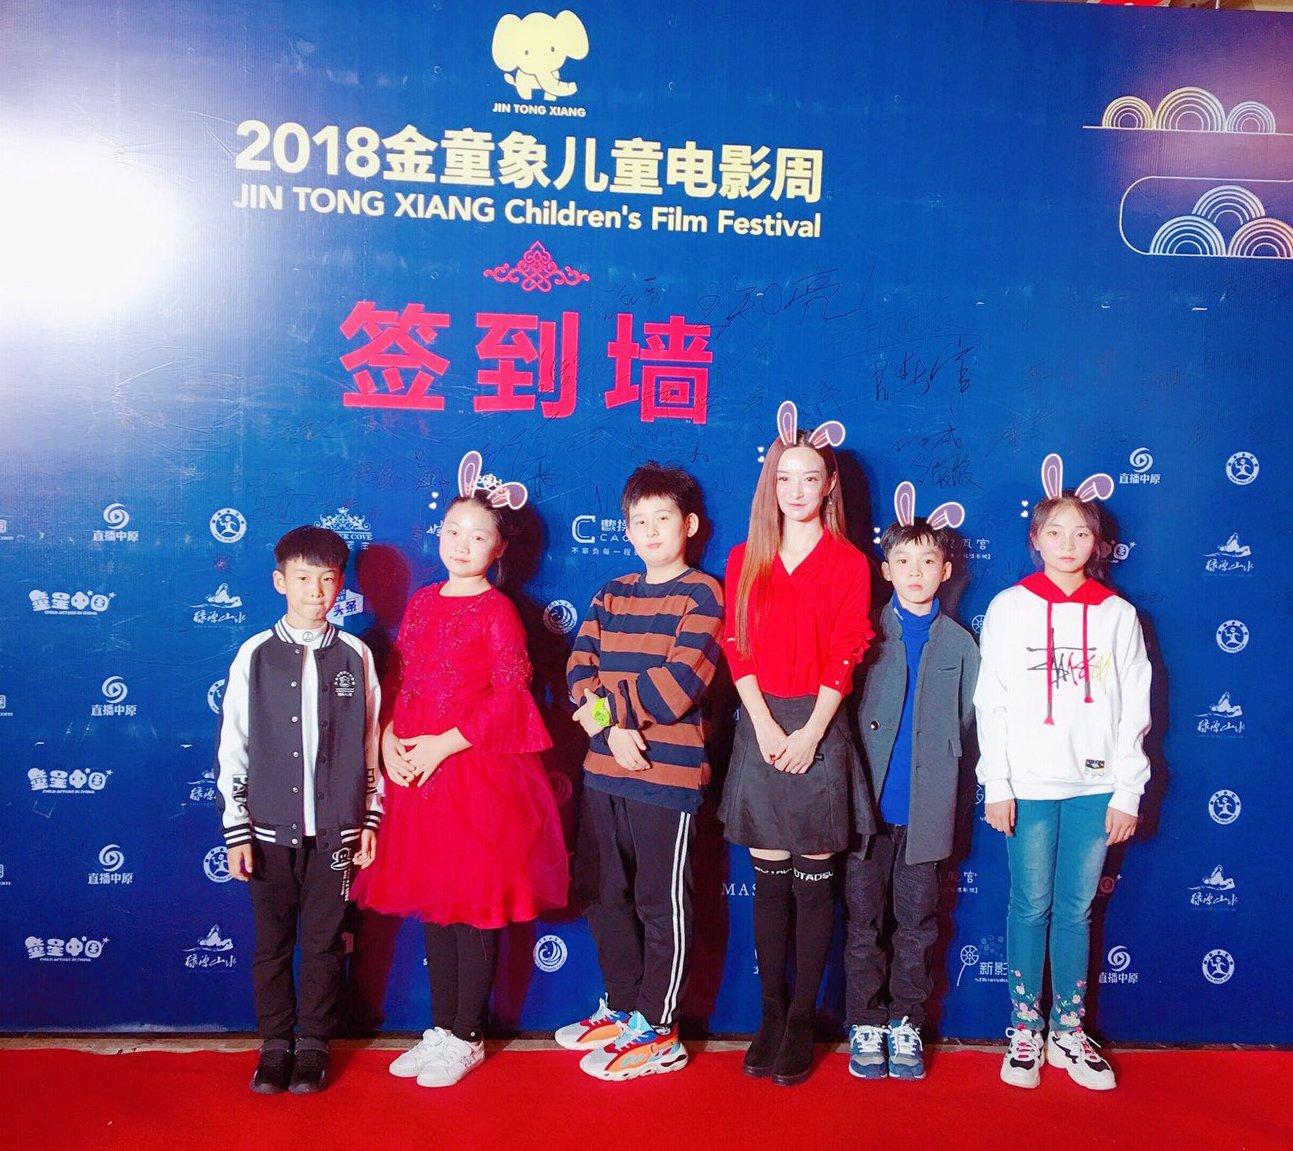 电影《爱的奇迹》剧组受邀出席2018金童象儿童电影周